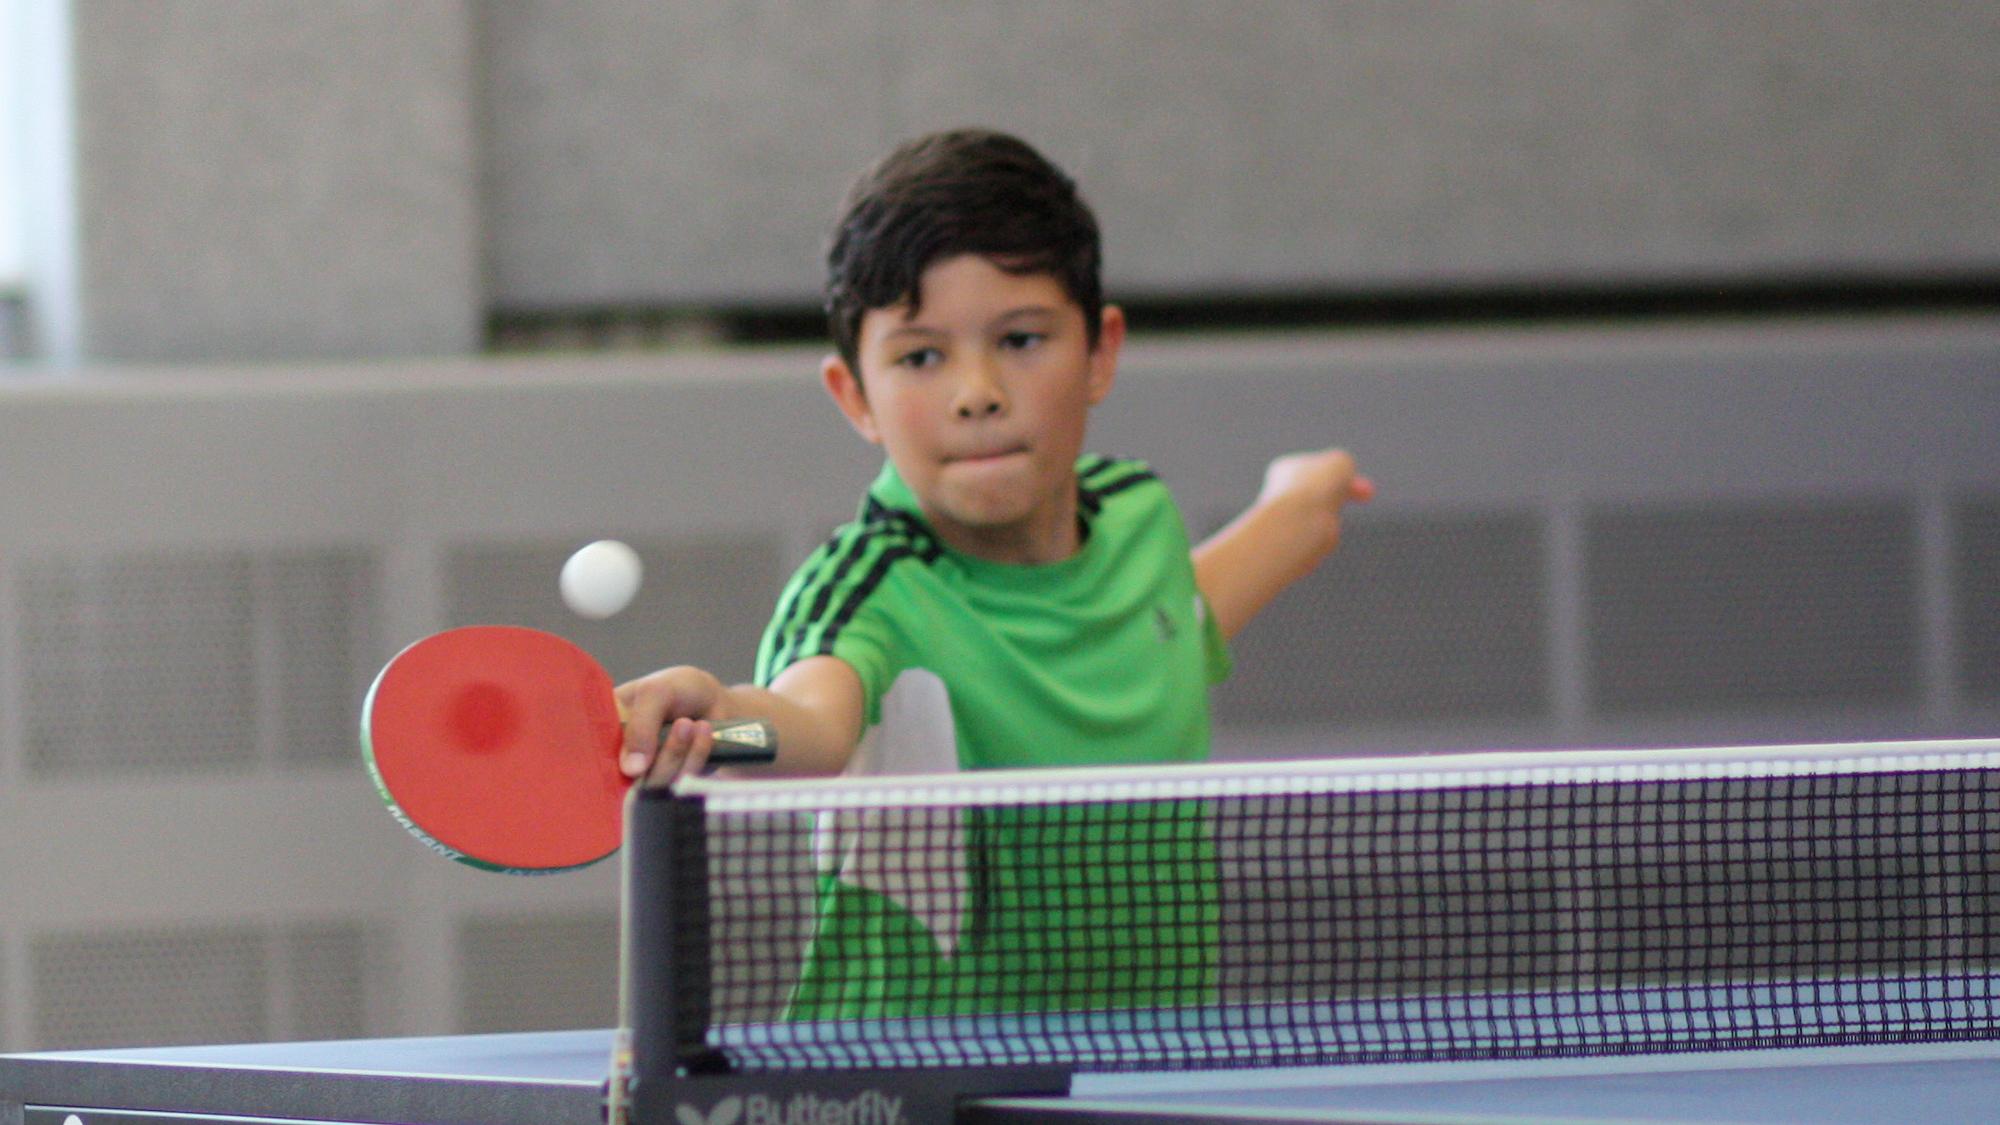 Raden konnte im Viertelfinale gegen Michel 3:1 gewinnen, verlor aber das Halbfinale mit 0:3 gegen Miguel.